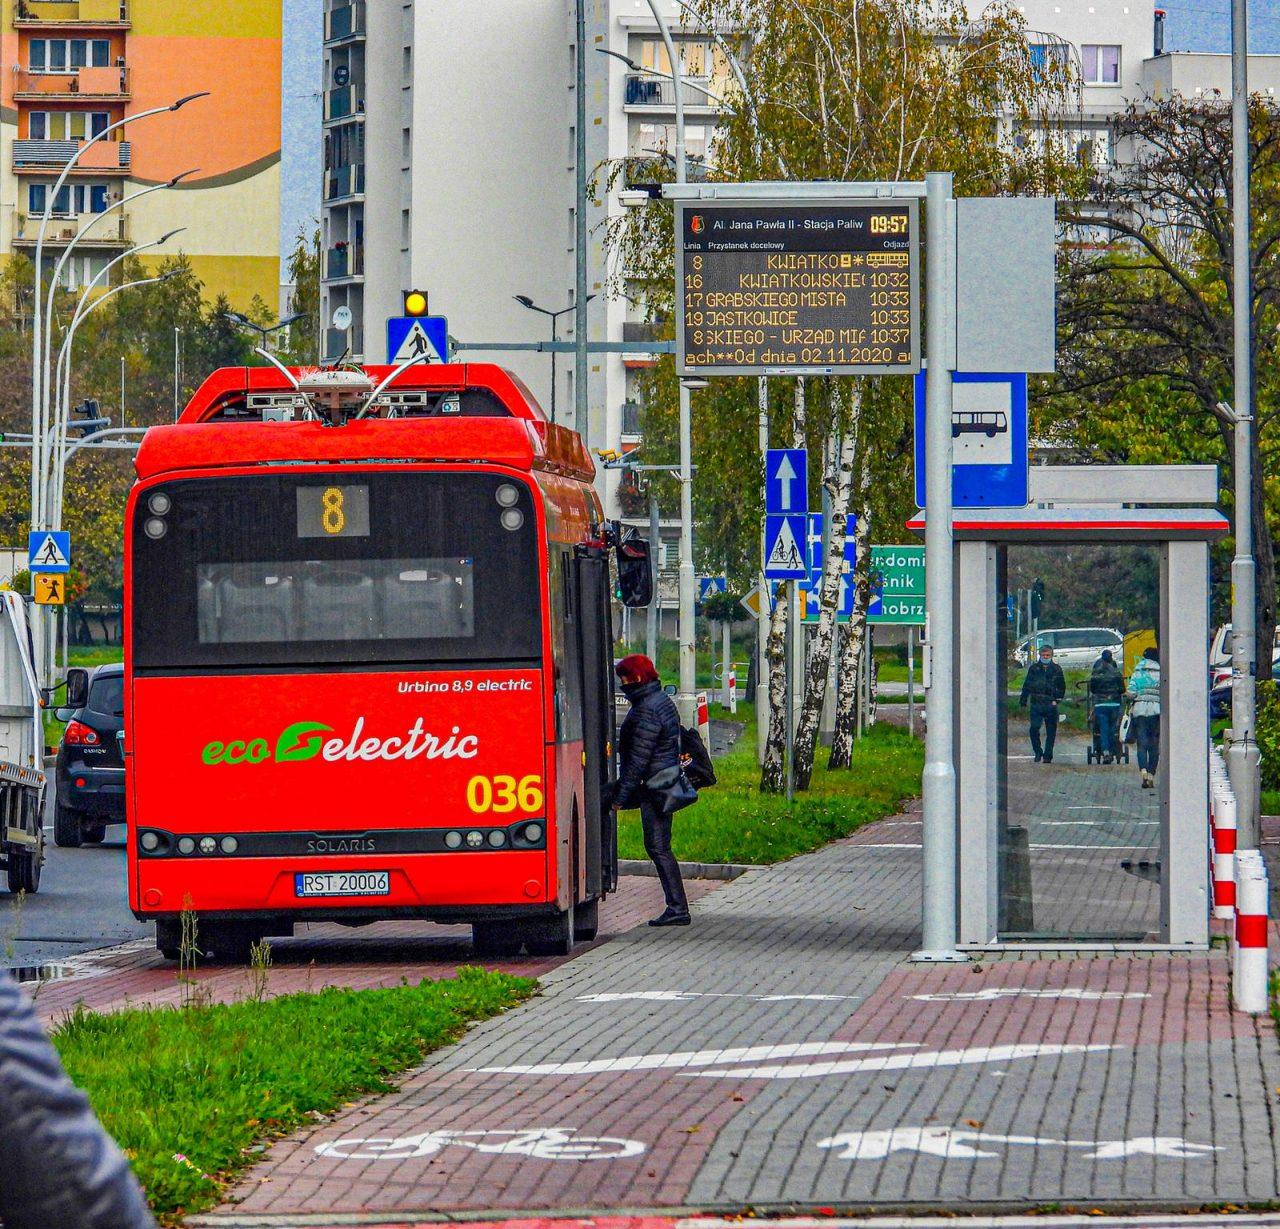 zdjęcie autobusu na przystanku